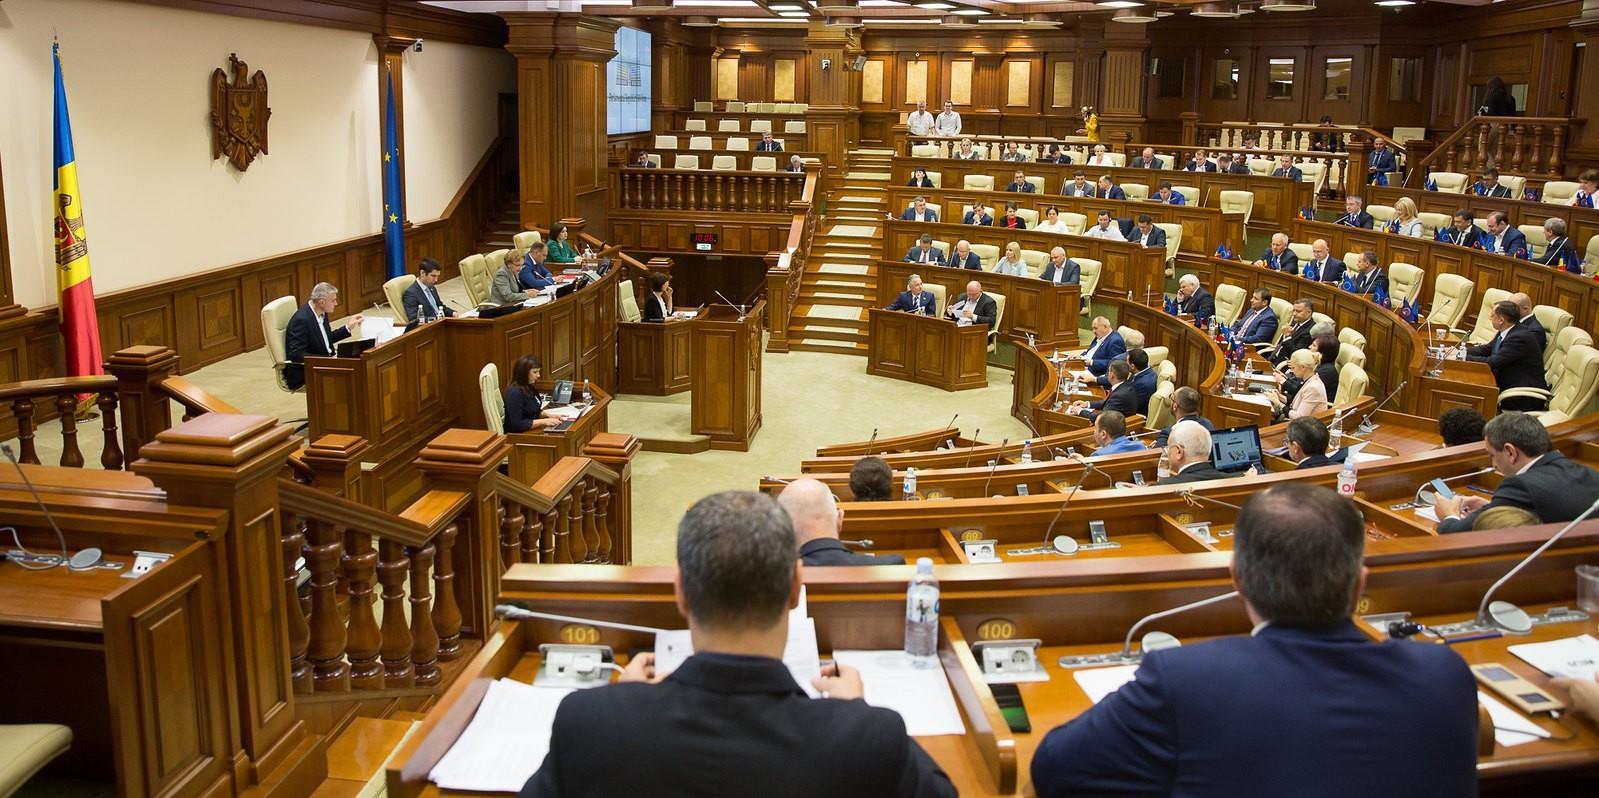 Vot final în Parlament pentru politica bugetar-fiscală și vamală. Ce măsuri sunt prevăzute